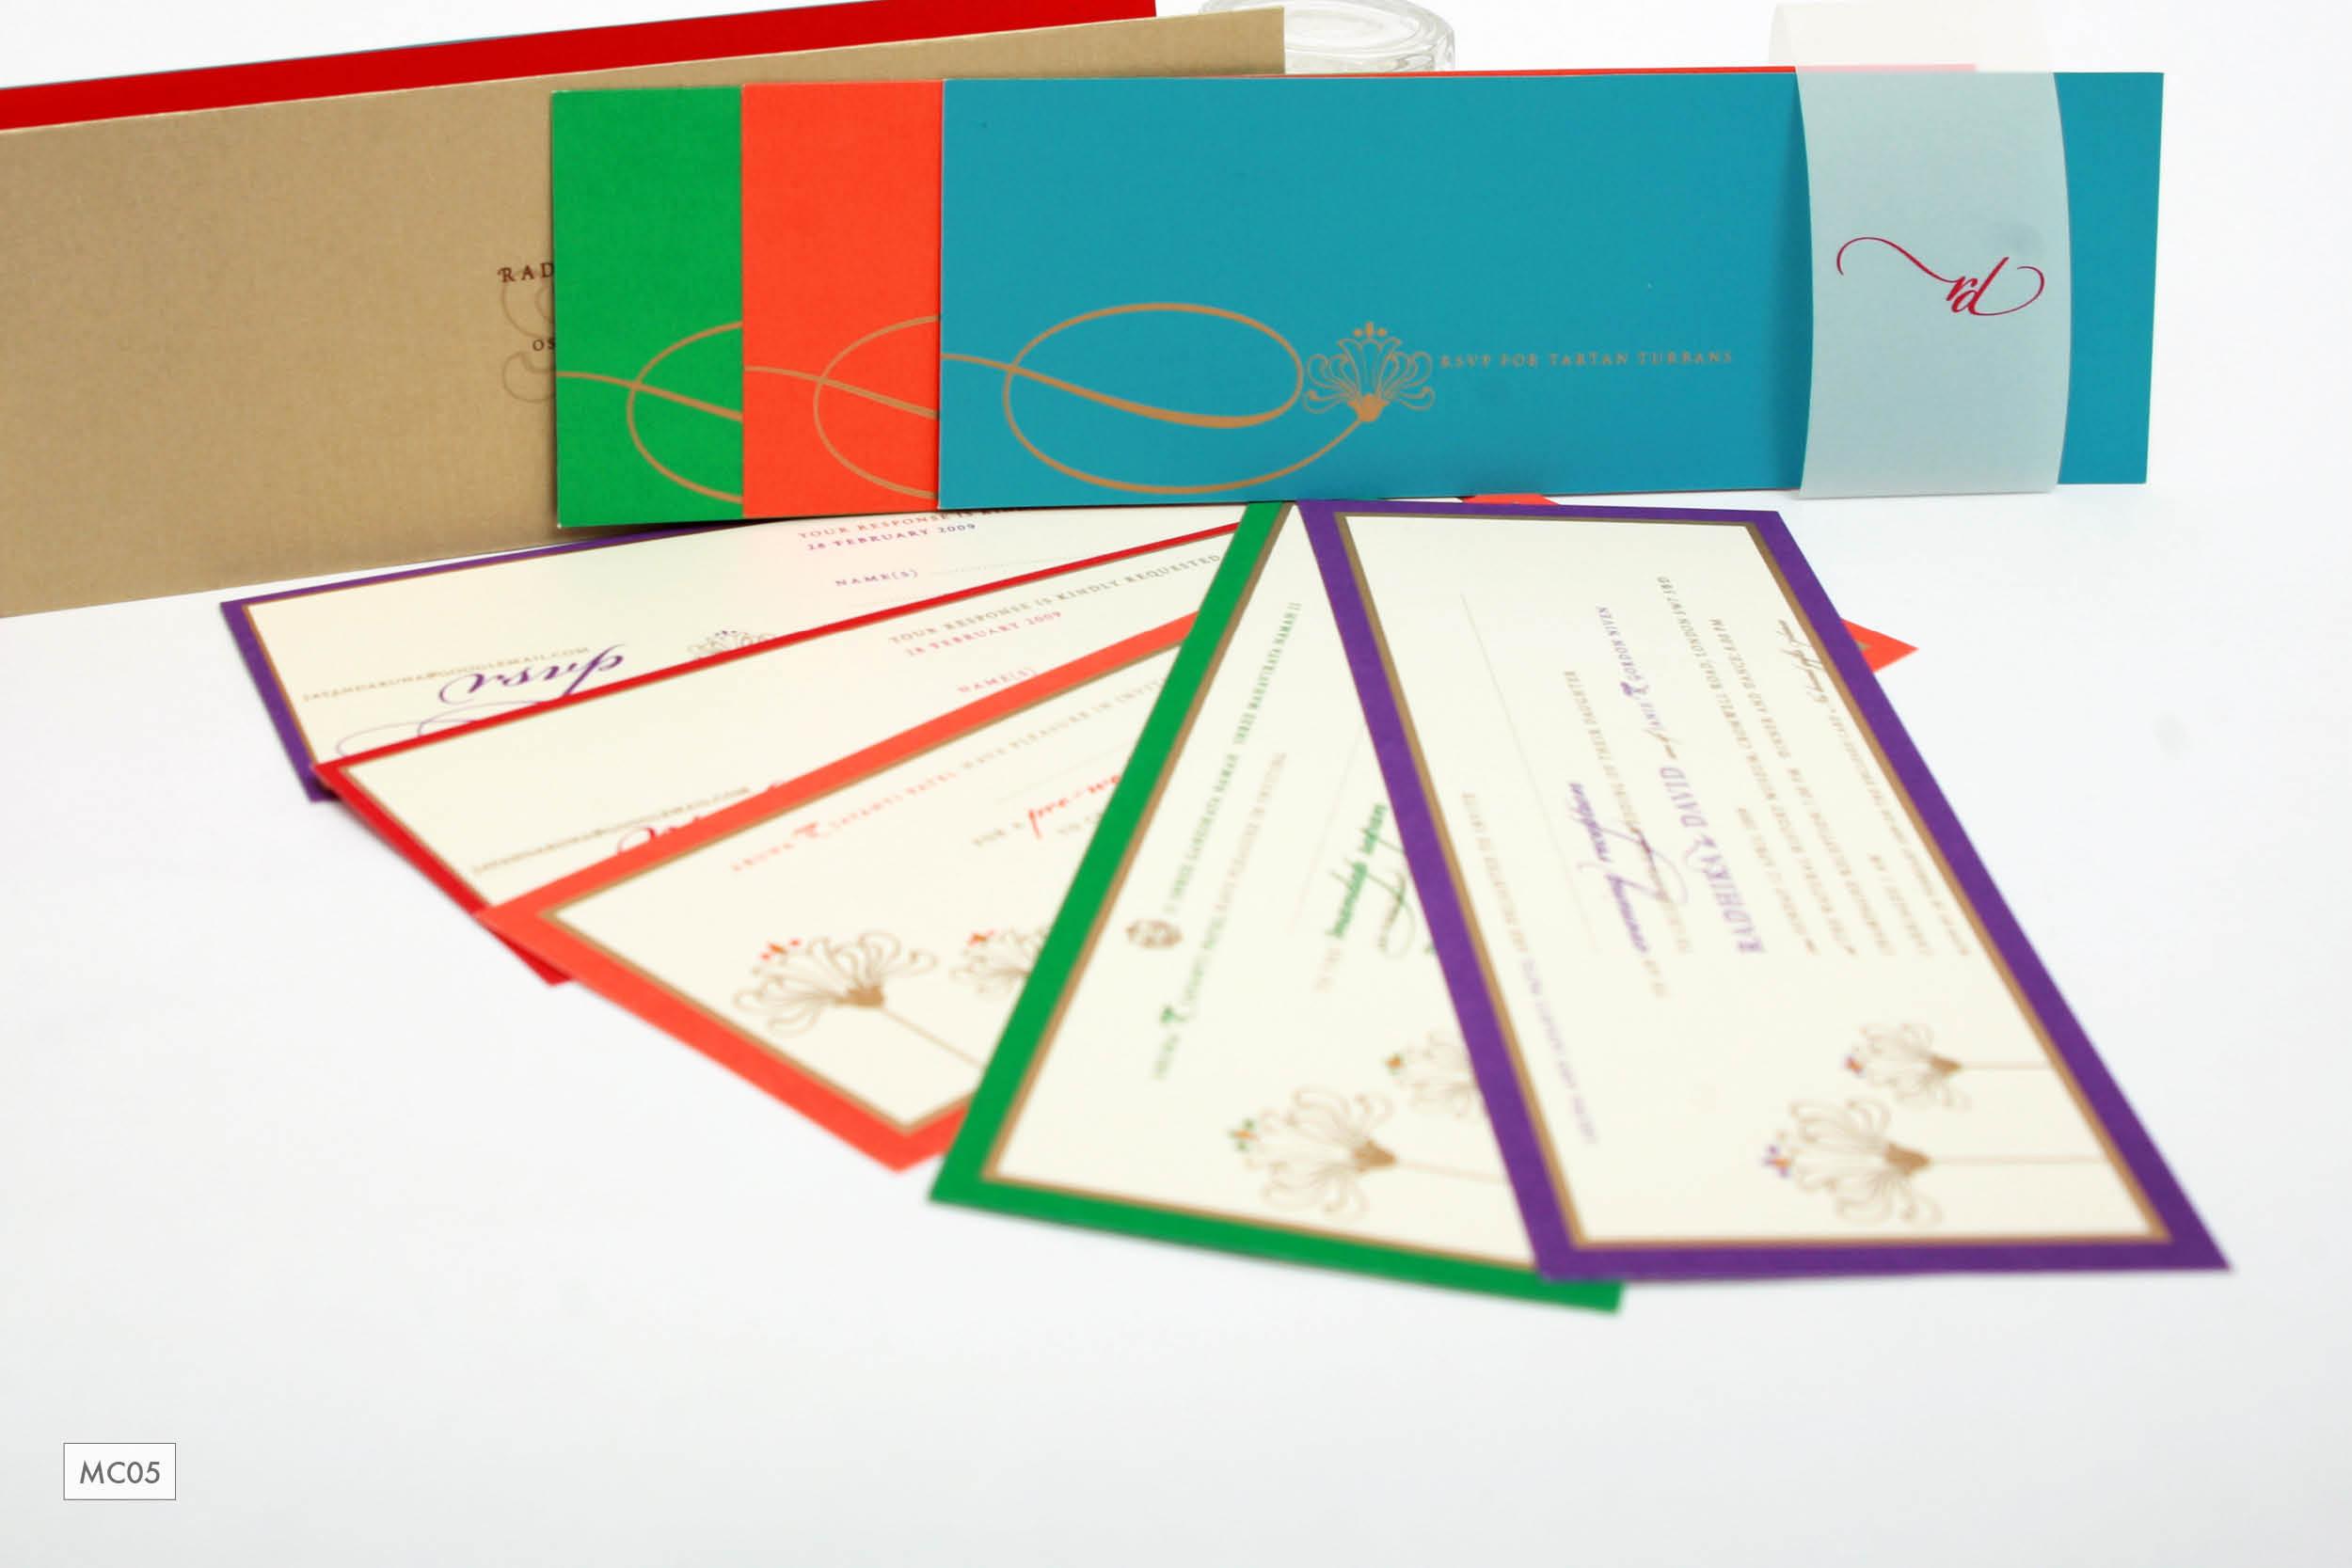 lilly_monogram-wedding-stationery_ananyacards.com.jpg